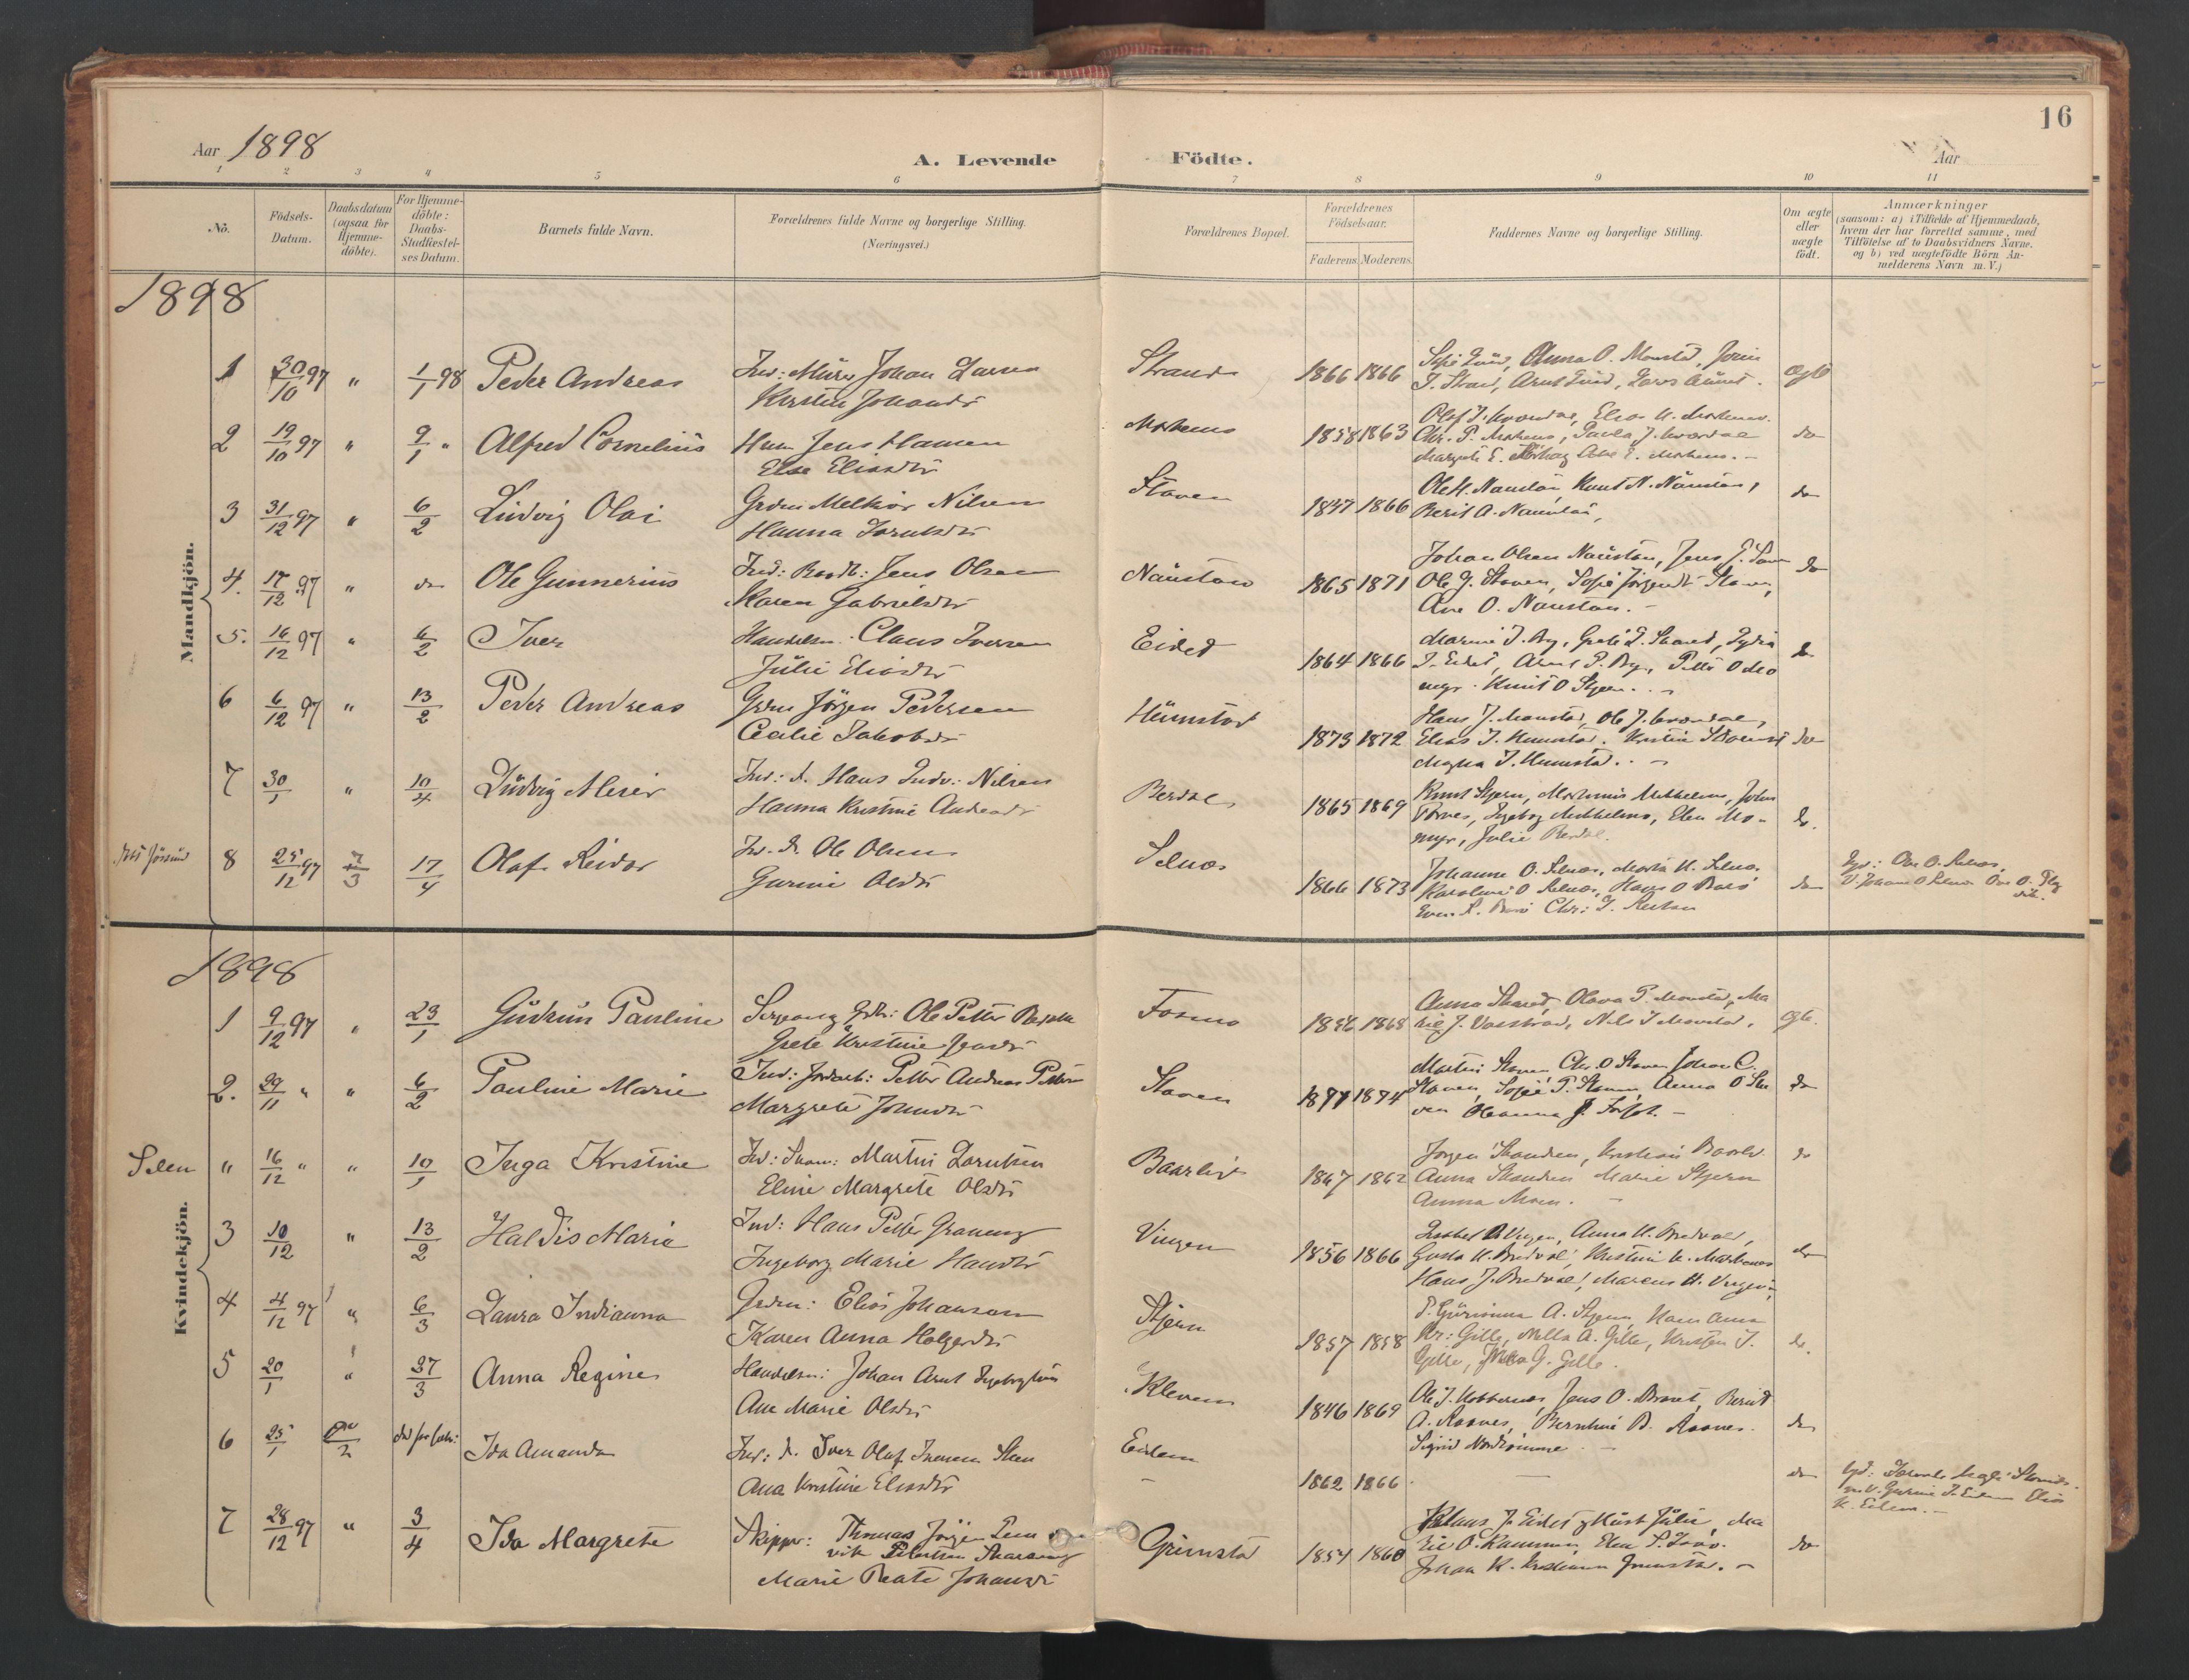 SAT, Ministerialprotokoller, klokkerbøker og fødselsregistre - Sør-Trøndelag, 655/L0681: Ministerialbok nr. 655A10, 1895-1907, s. 16